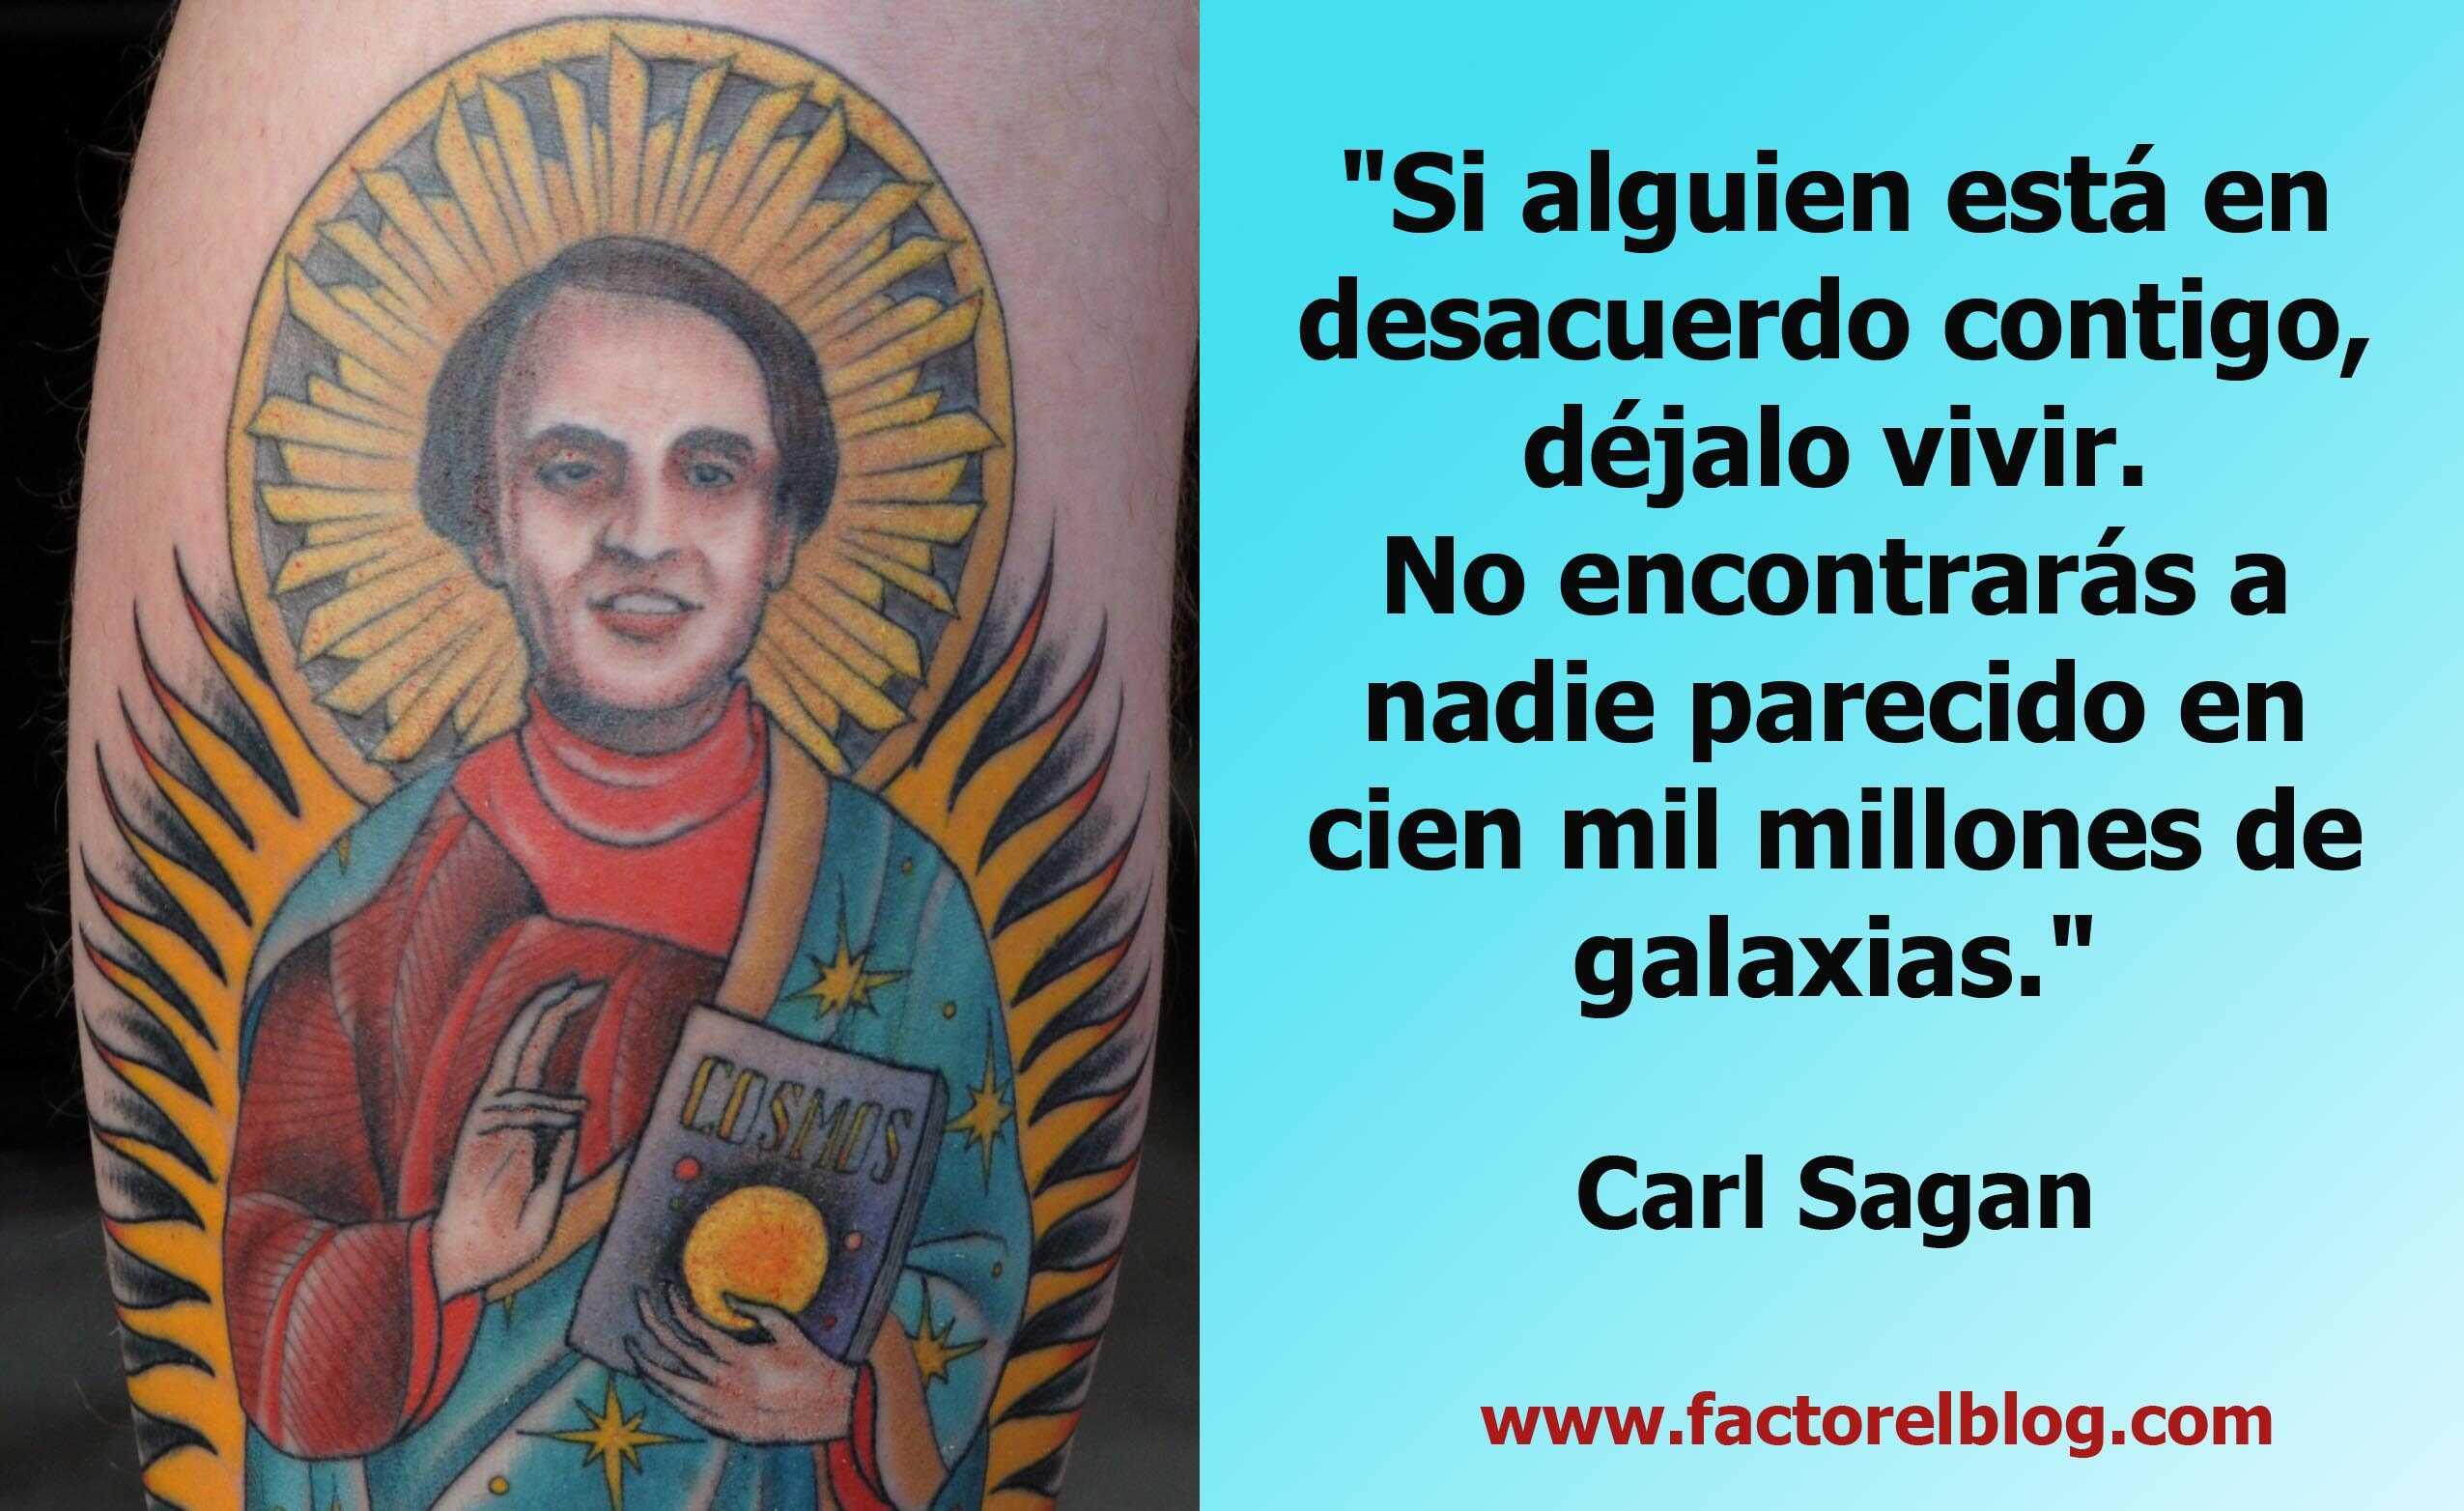 Carl Sagan 22 Ideas Impactantes Factor El Blog El Blog